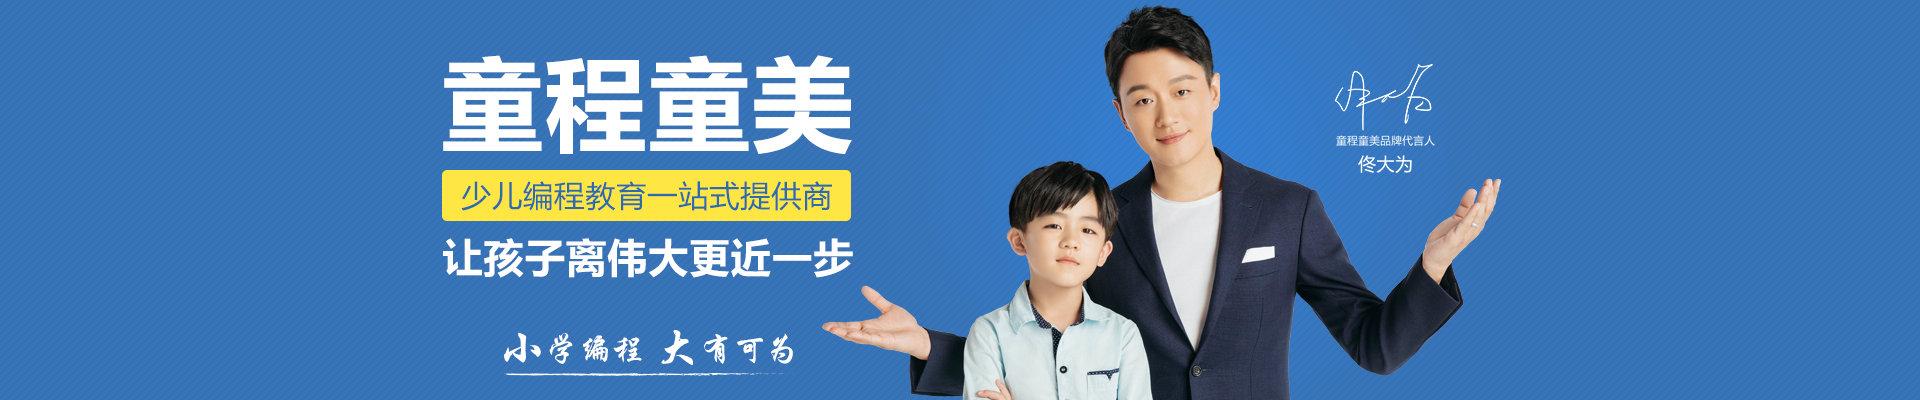 上海童程童美少儿编程培训学校